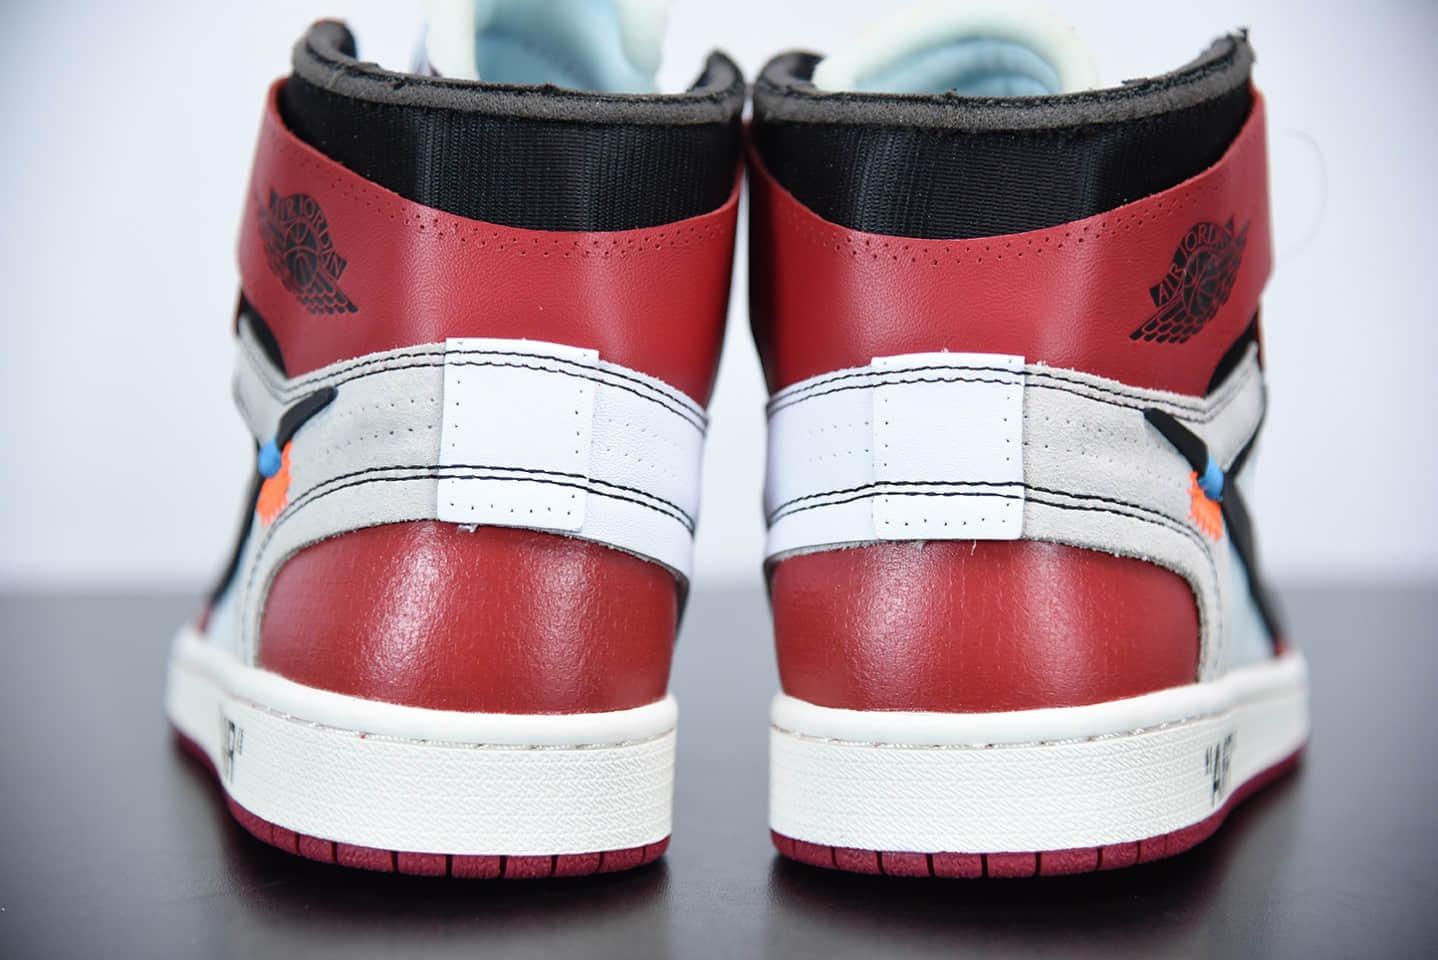 乔丹OFF WHITE x AIR JORDAN AJ1 10X OW白红芝加哥1.0联名款纯原版本 货号:AA3834-101